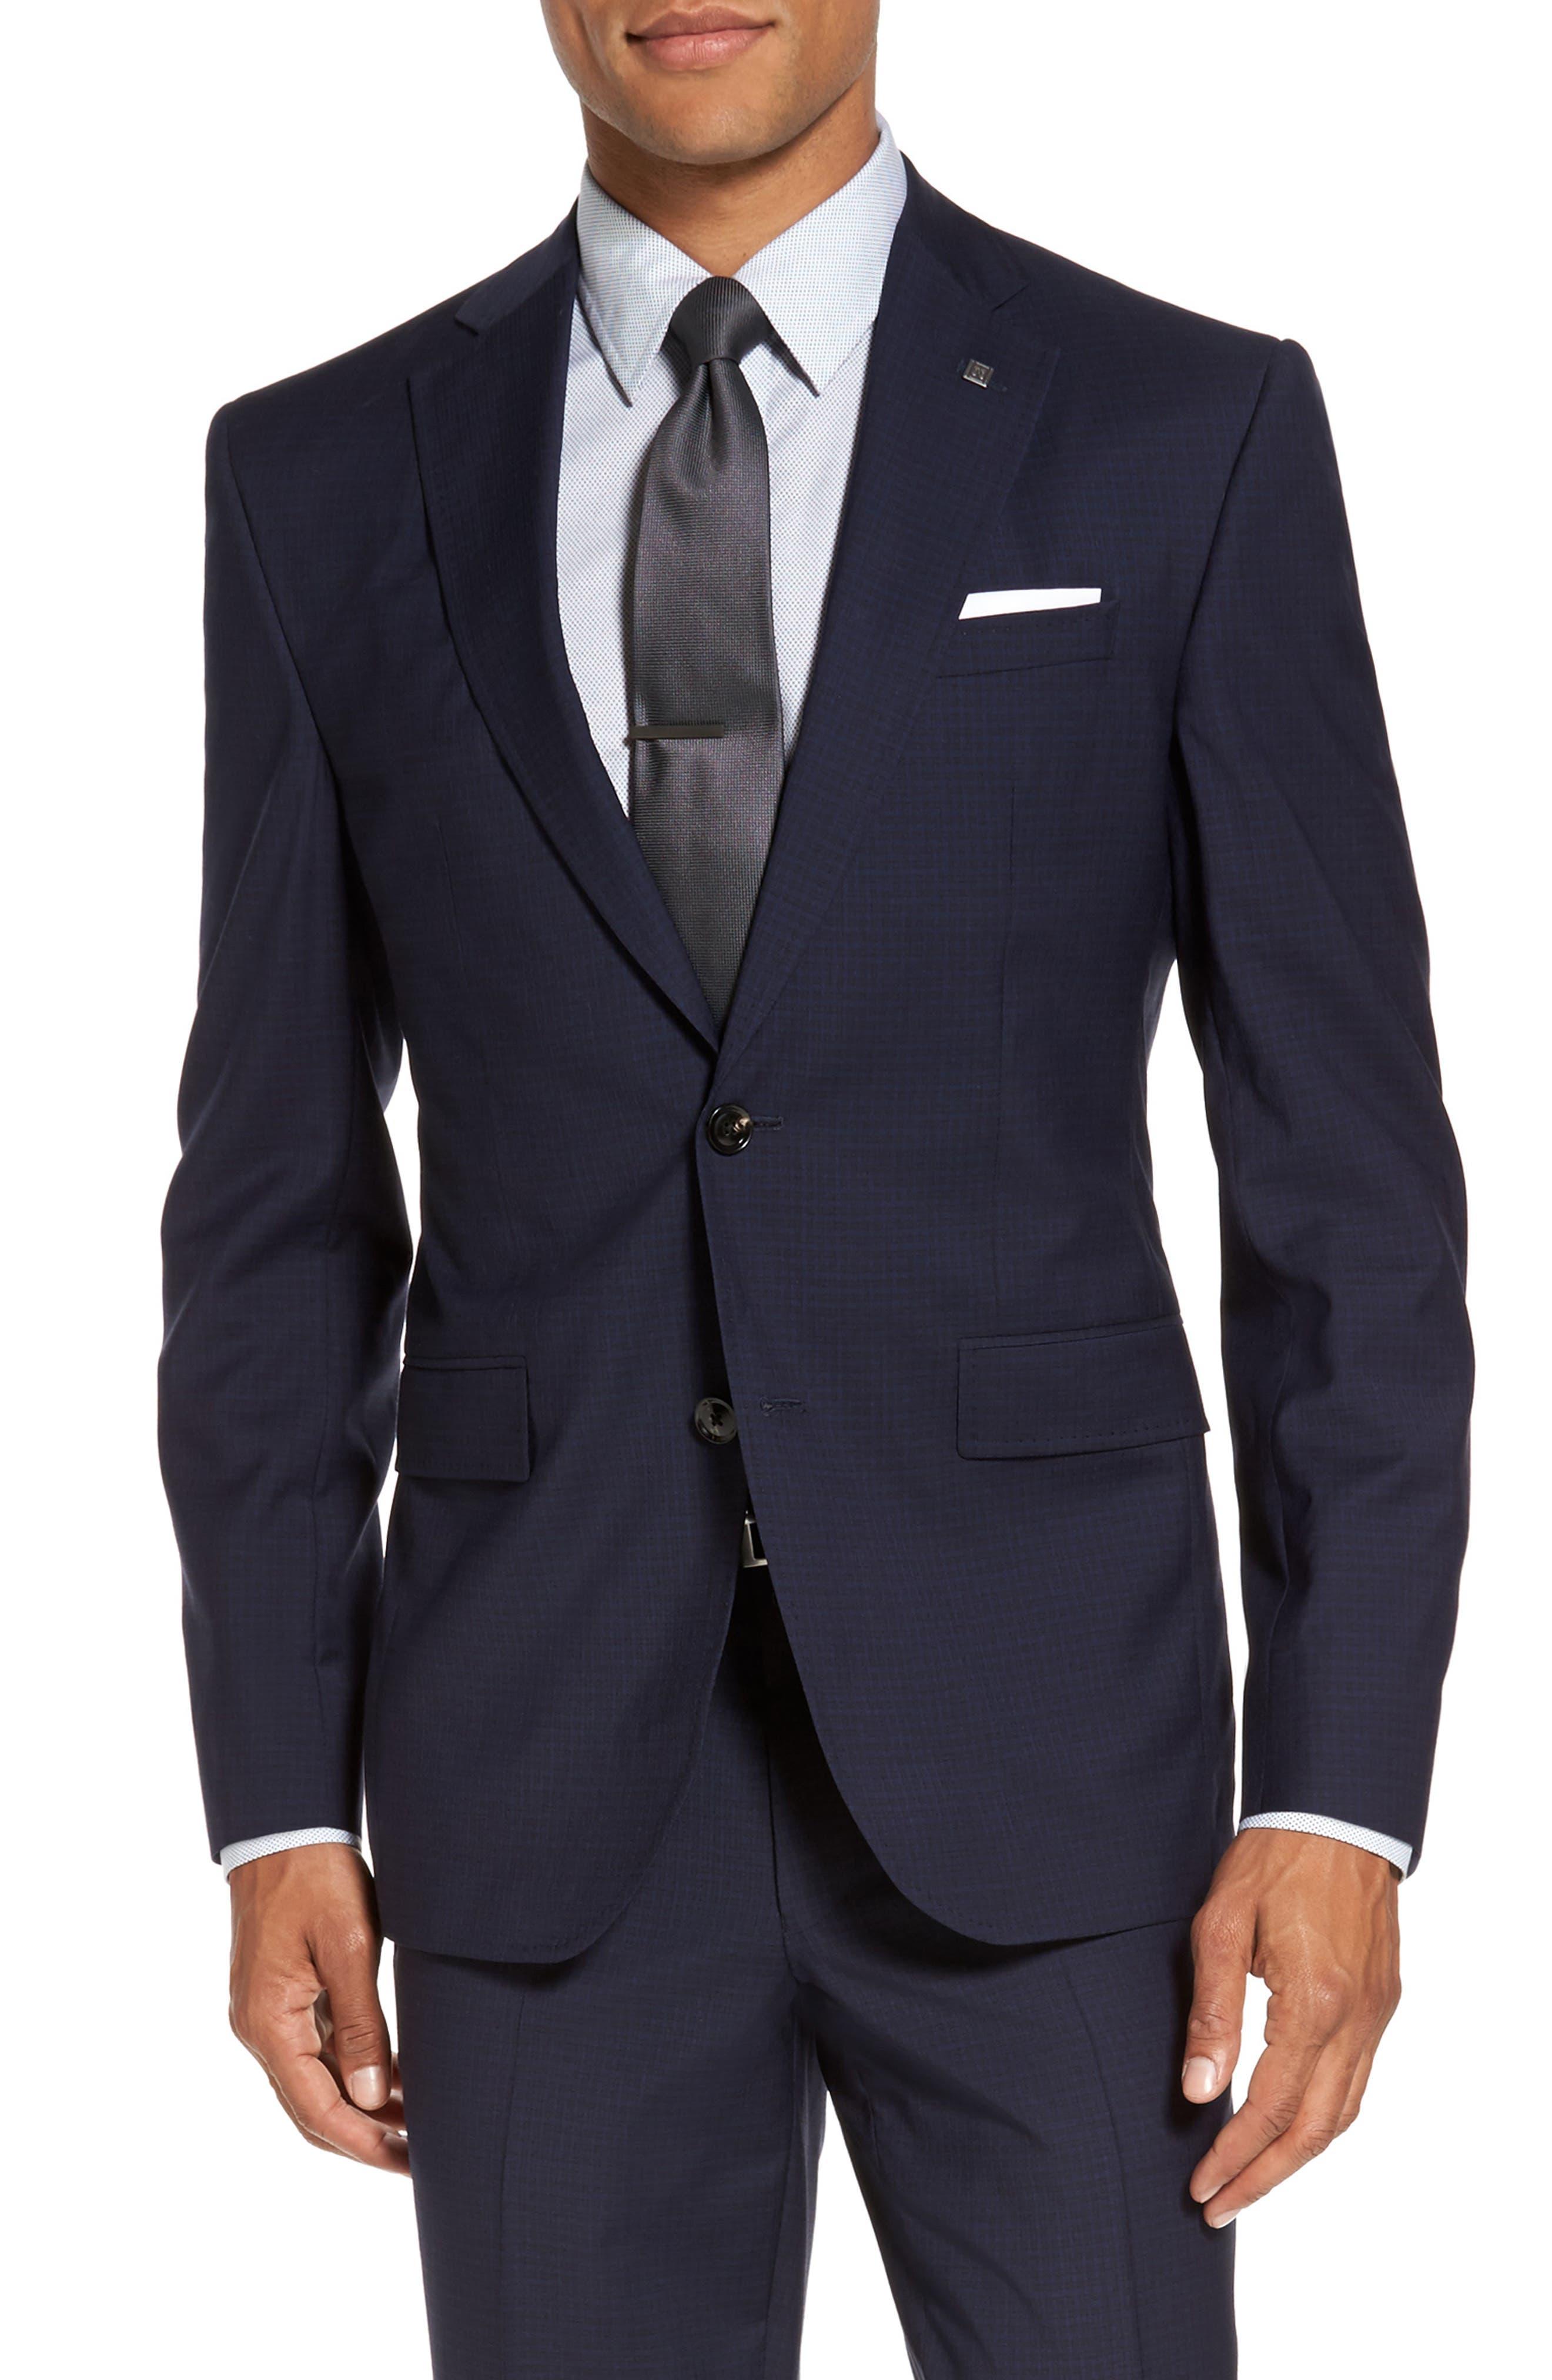 Roger Trim Fit Check Wool Suit,                             Alternate thumbnail 5, color,                             410